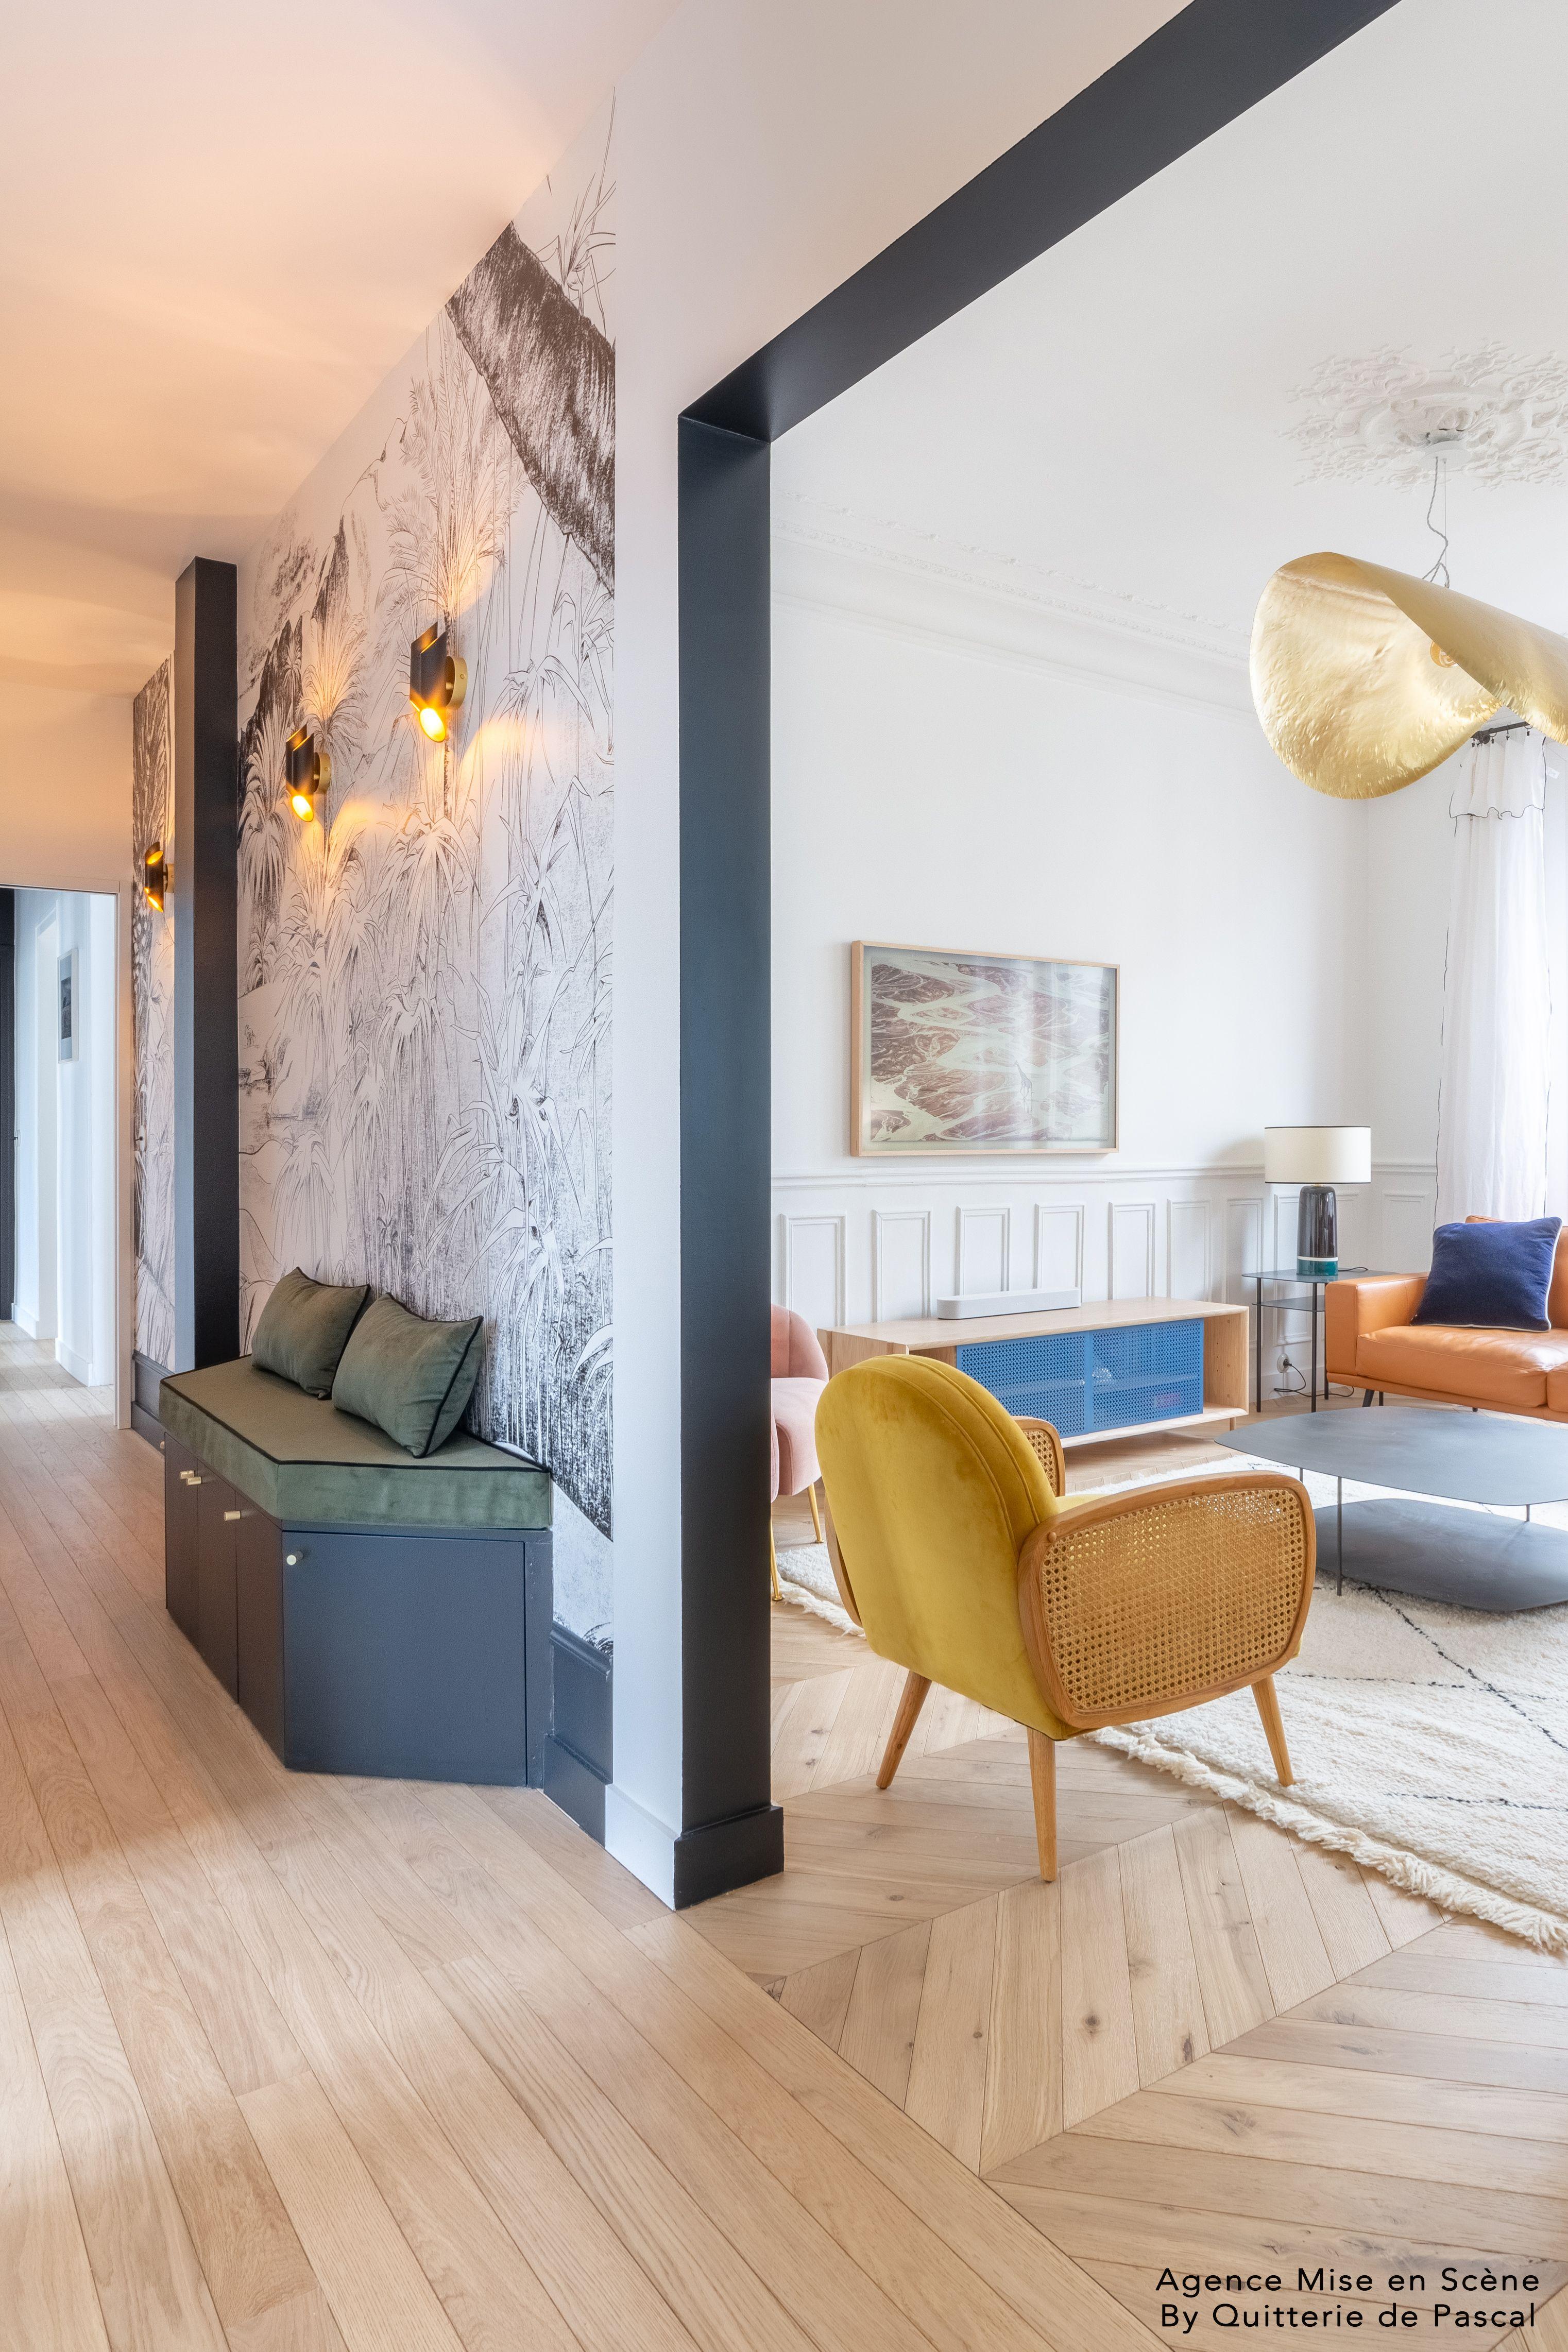 Couloir Amenage Decoration Interieur Appartement Decoration Appartement Decoration Appartement Haussmannien